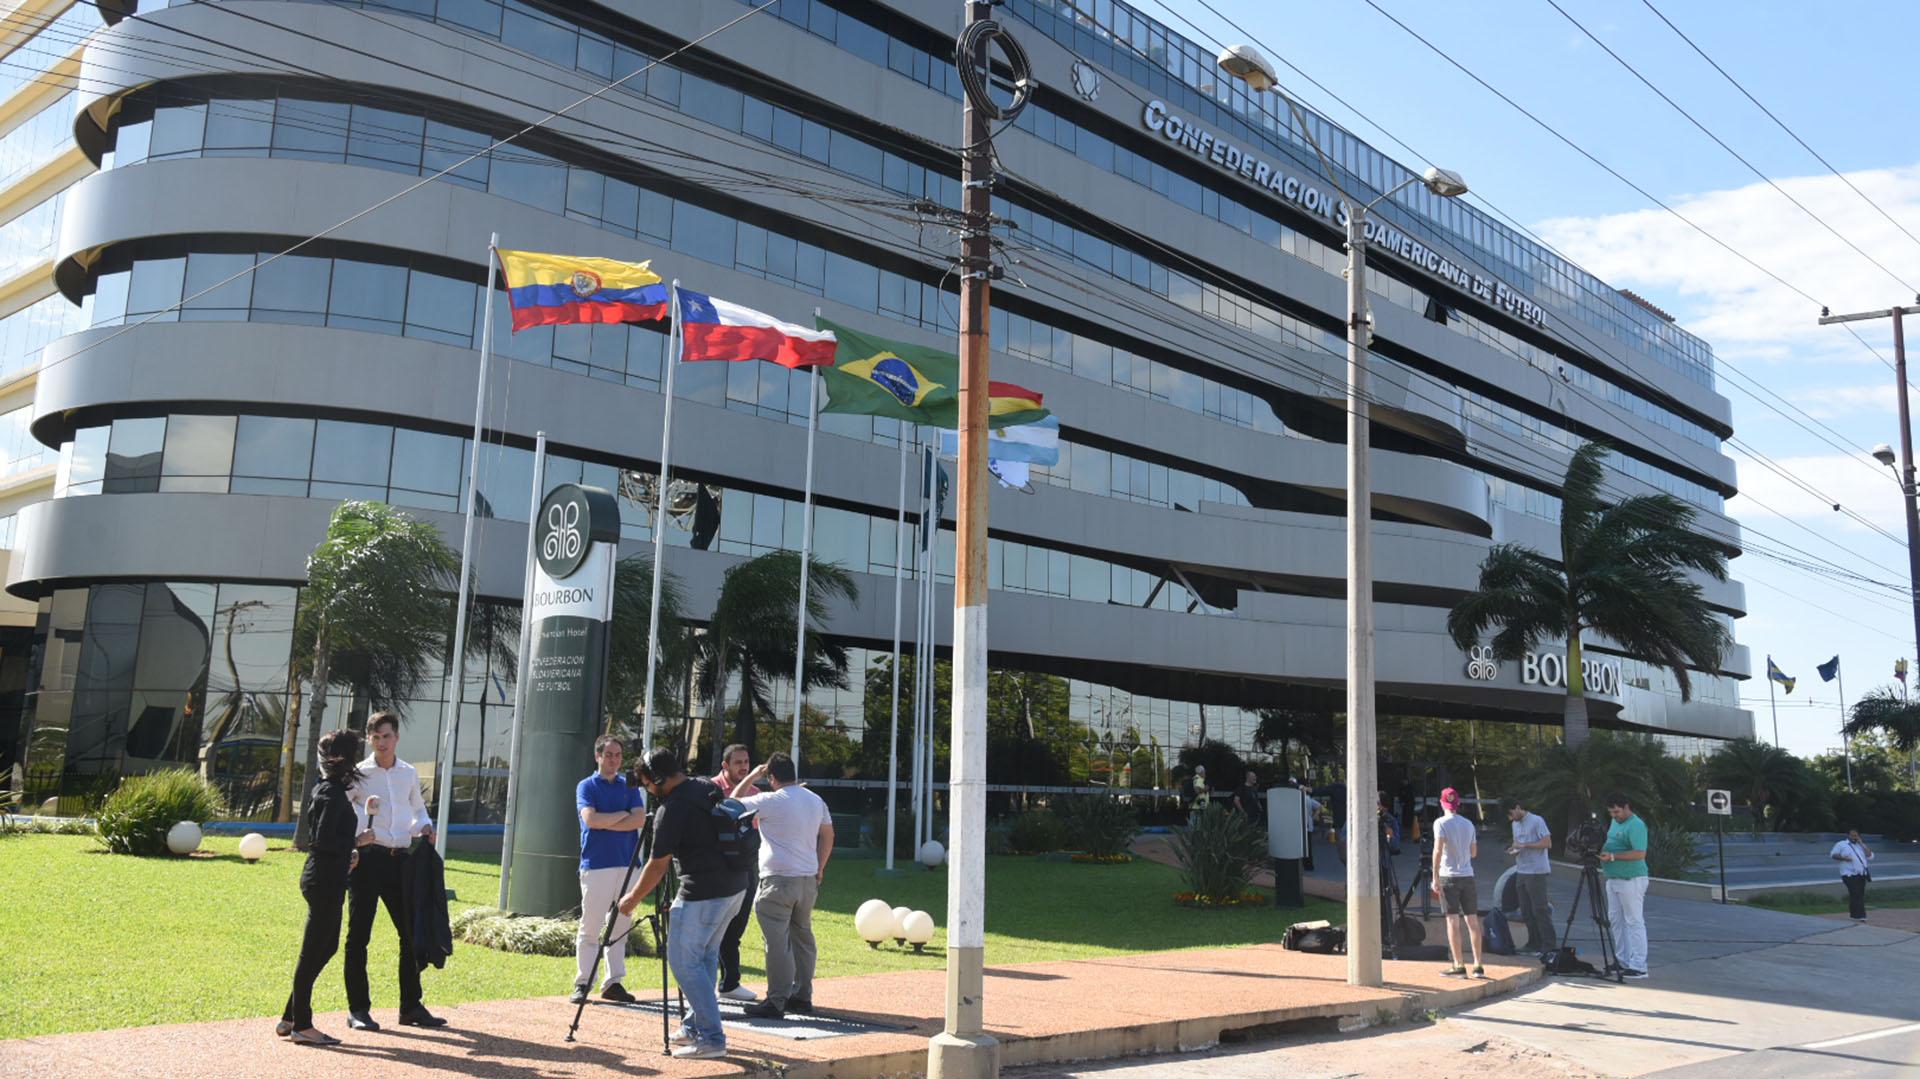 La Superfinal de la Libertadores se juega en las oficinas de la Conmebol en Luque (Dani Duarte)